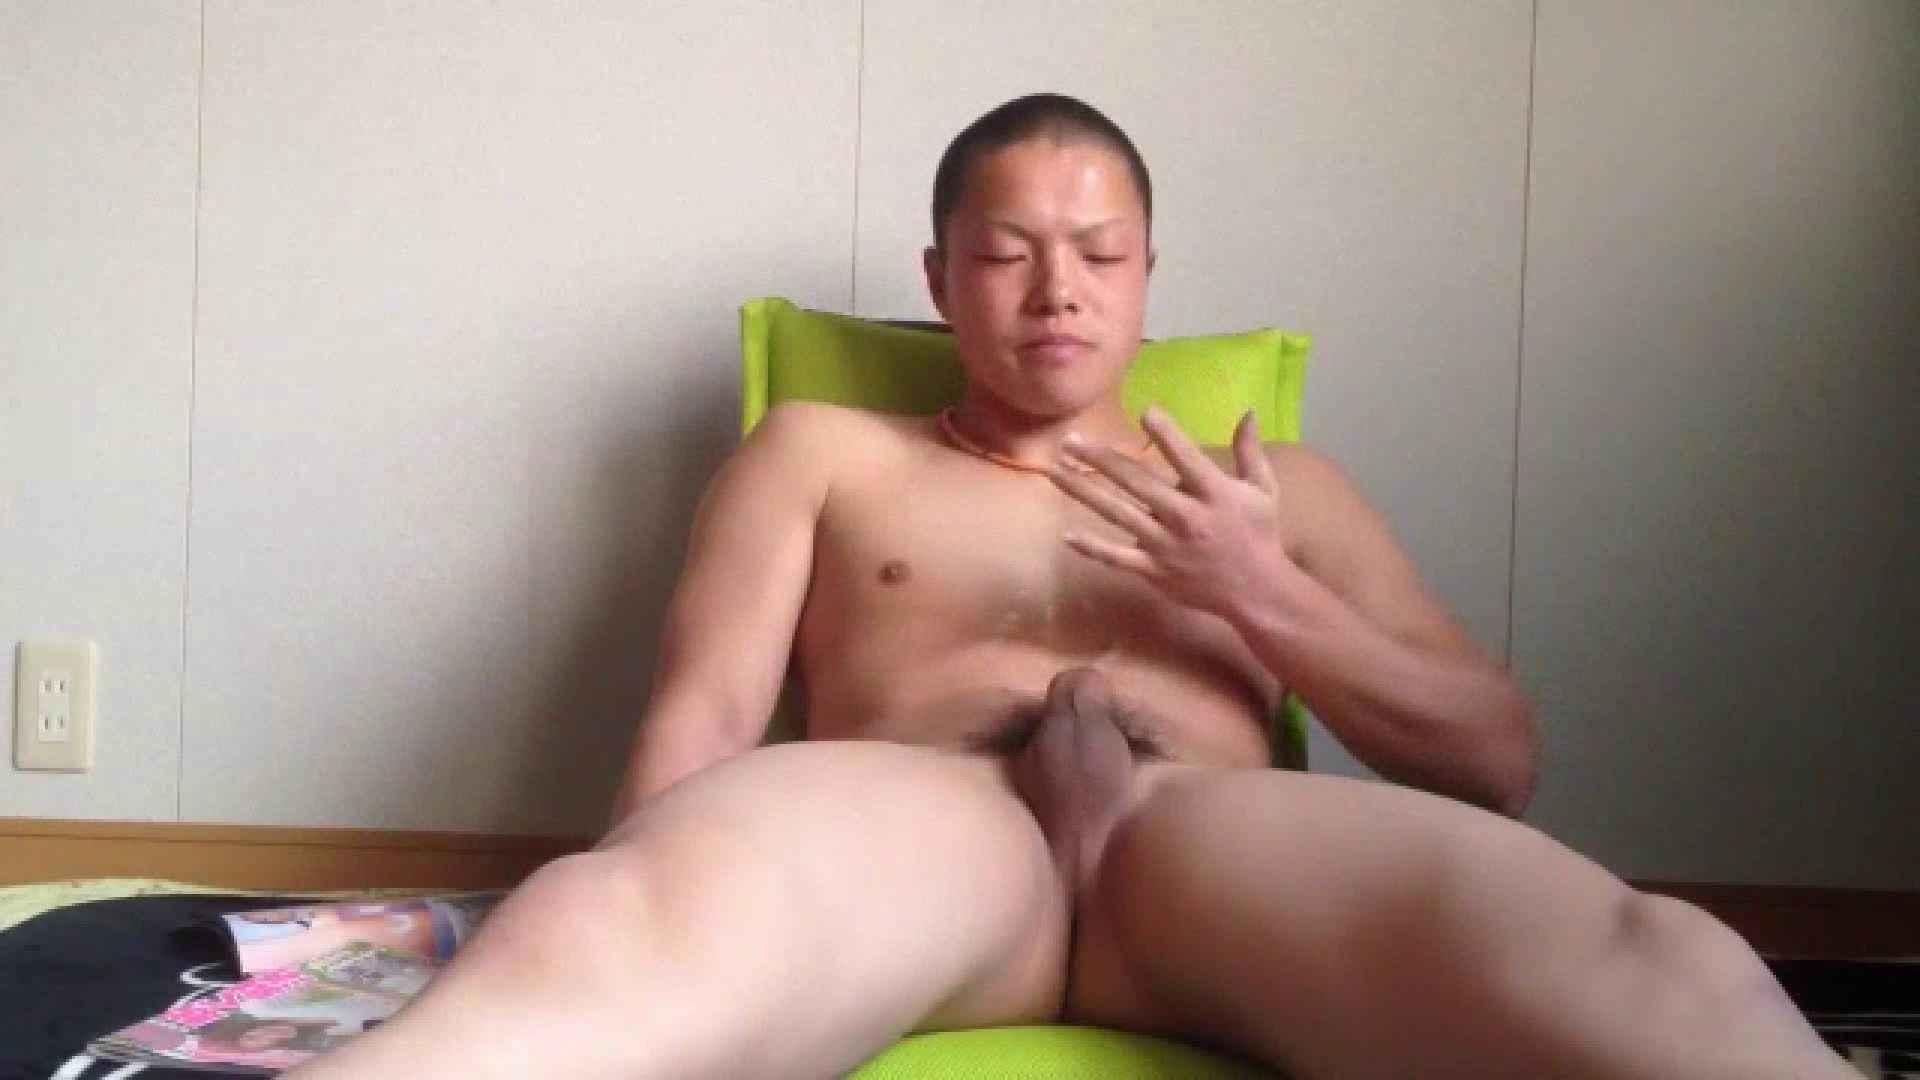 俺の新鮮なミルクはいかが? Vol.11 男天国 | オナニー特集  83pic 74